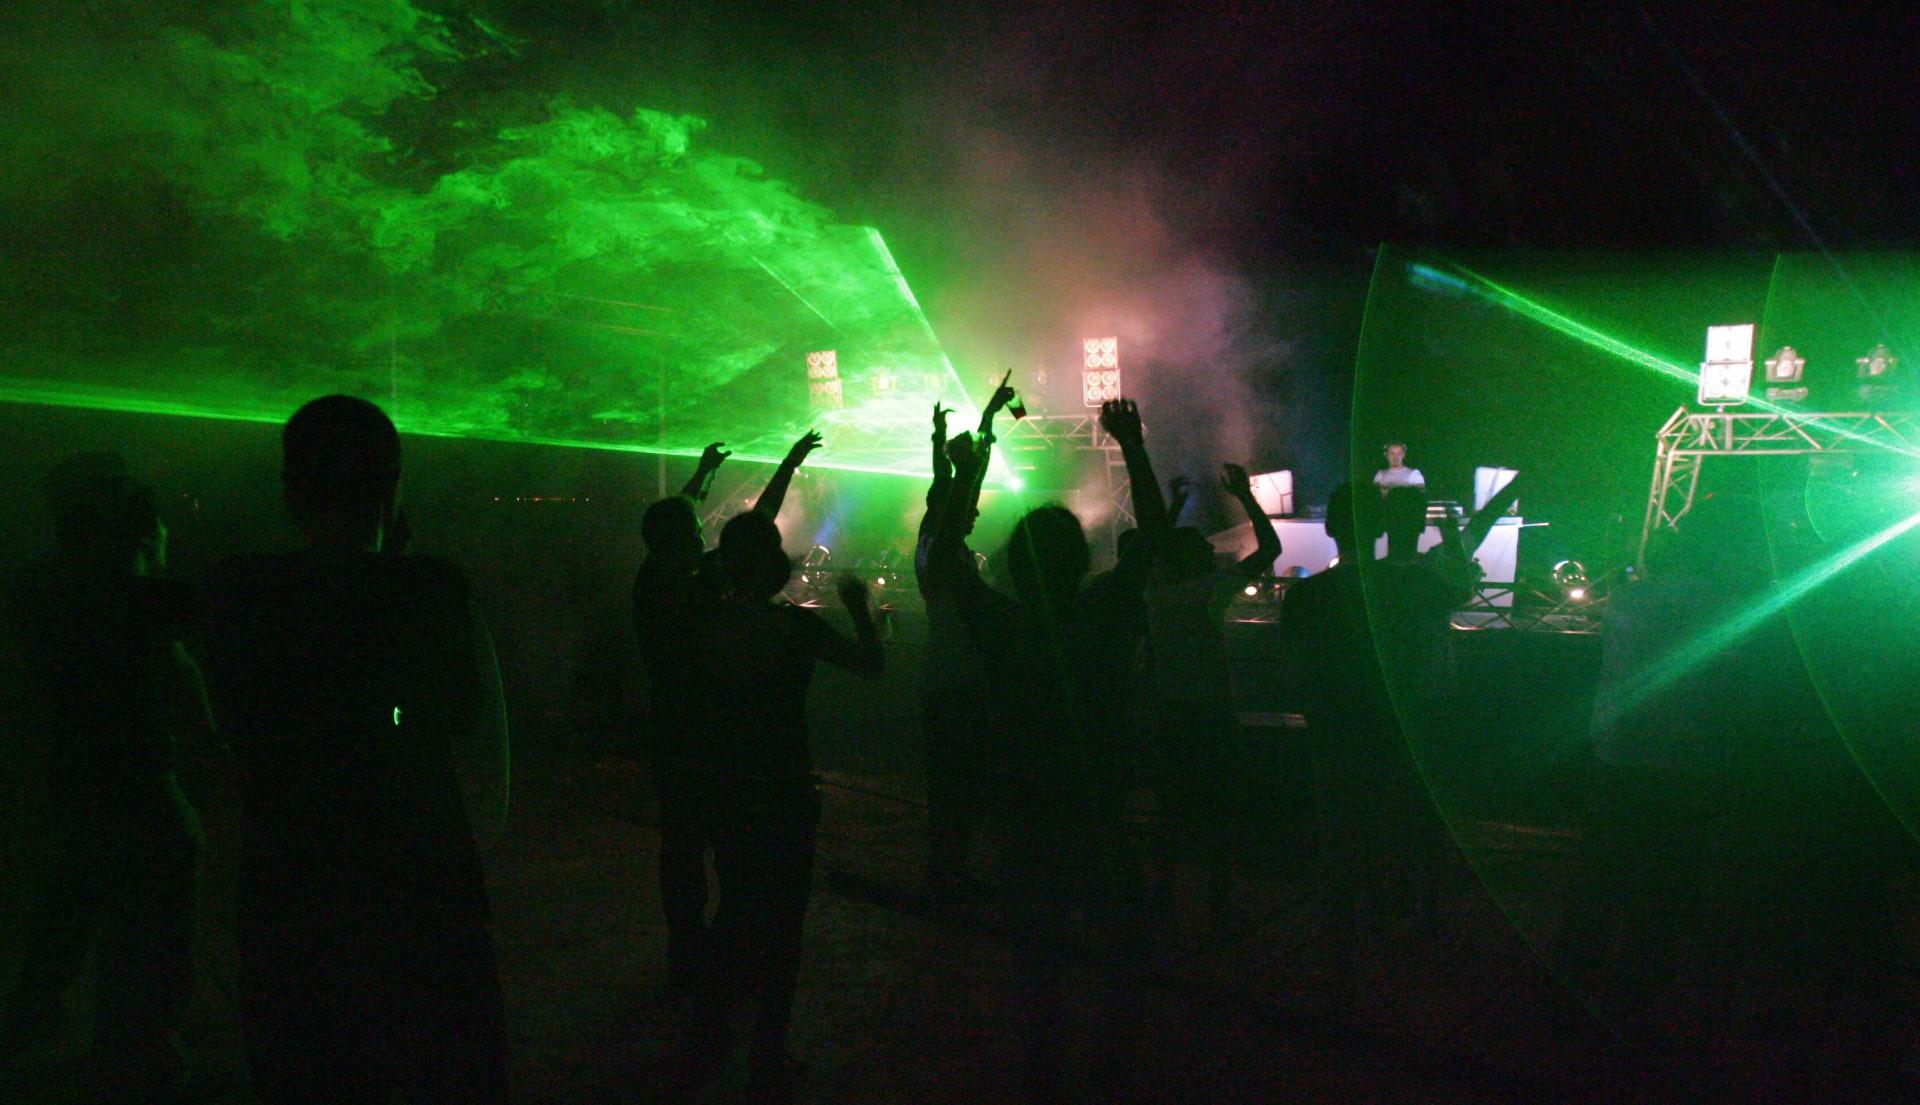 """""""بدنا نولع الجو""""و""""بنت الجيران""""..هكذا يحتفل اللبنانيون وسط فيروس كورونا"""